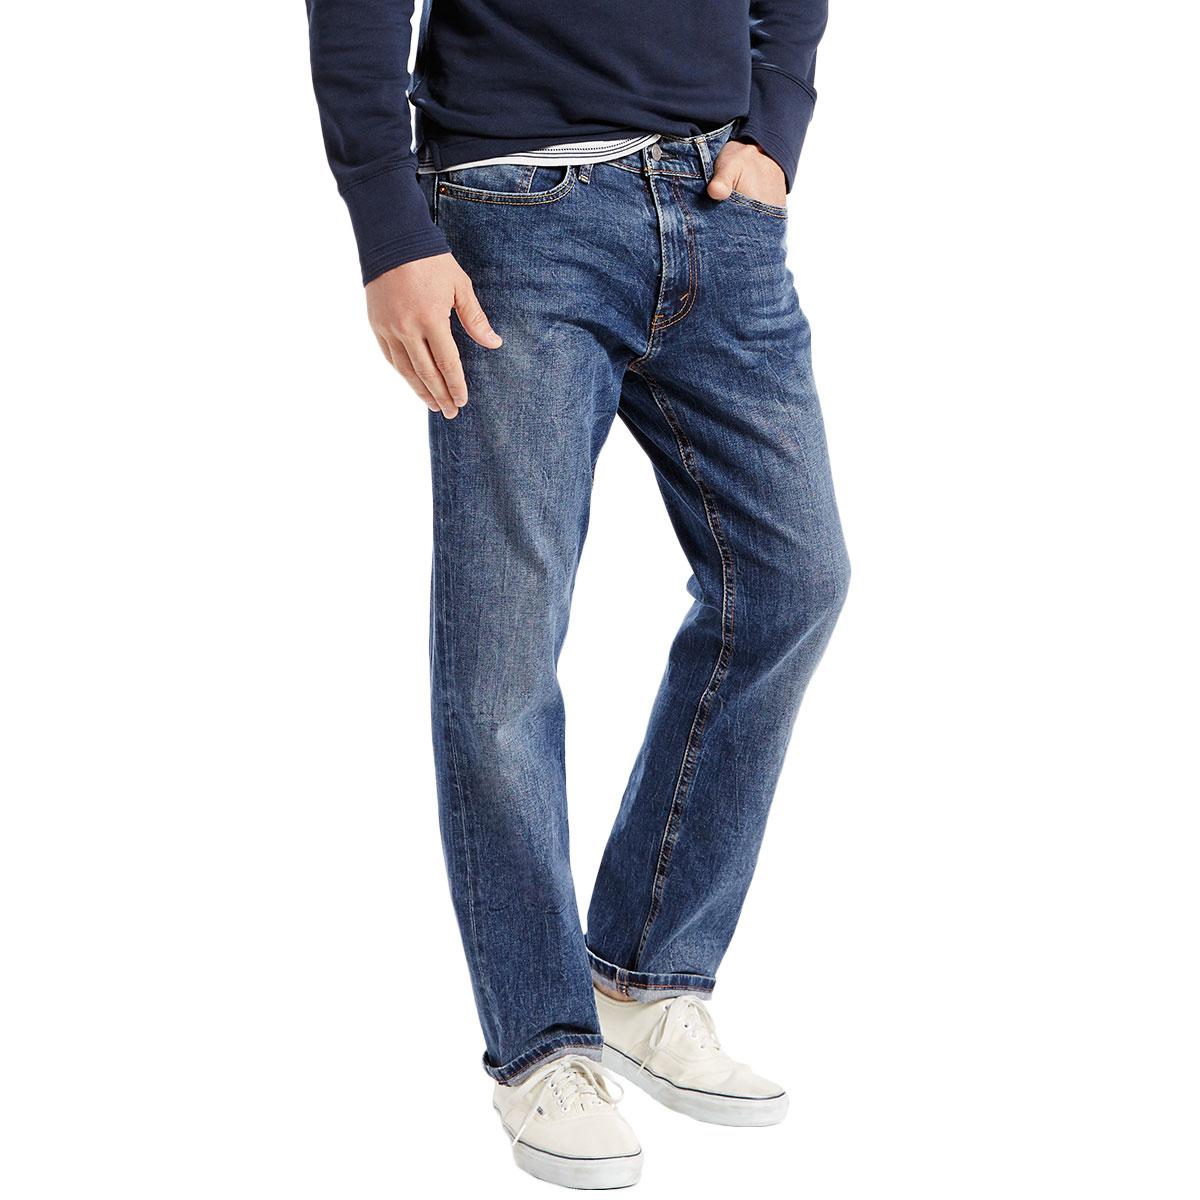 Levi's Men's 541 Athletic Fit Jeans - Blue, 30/30